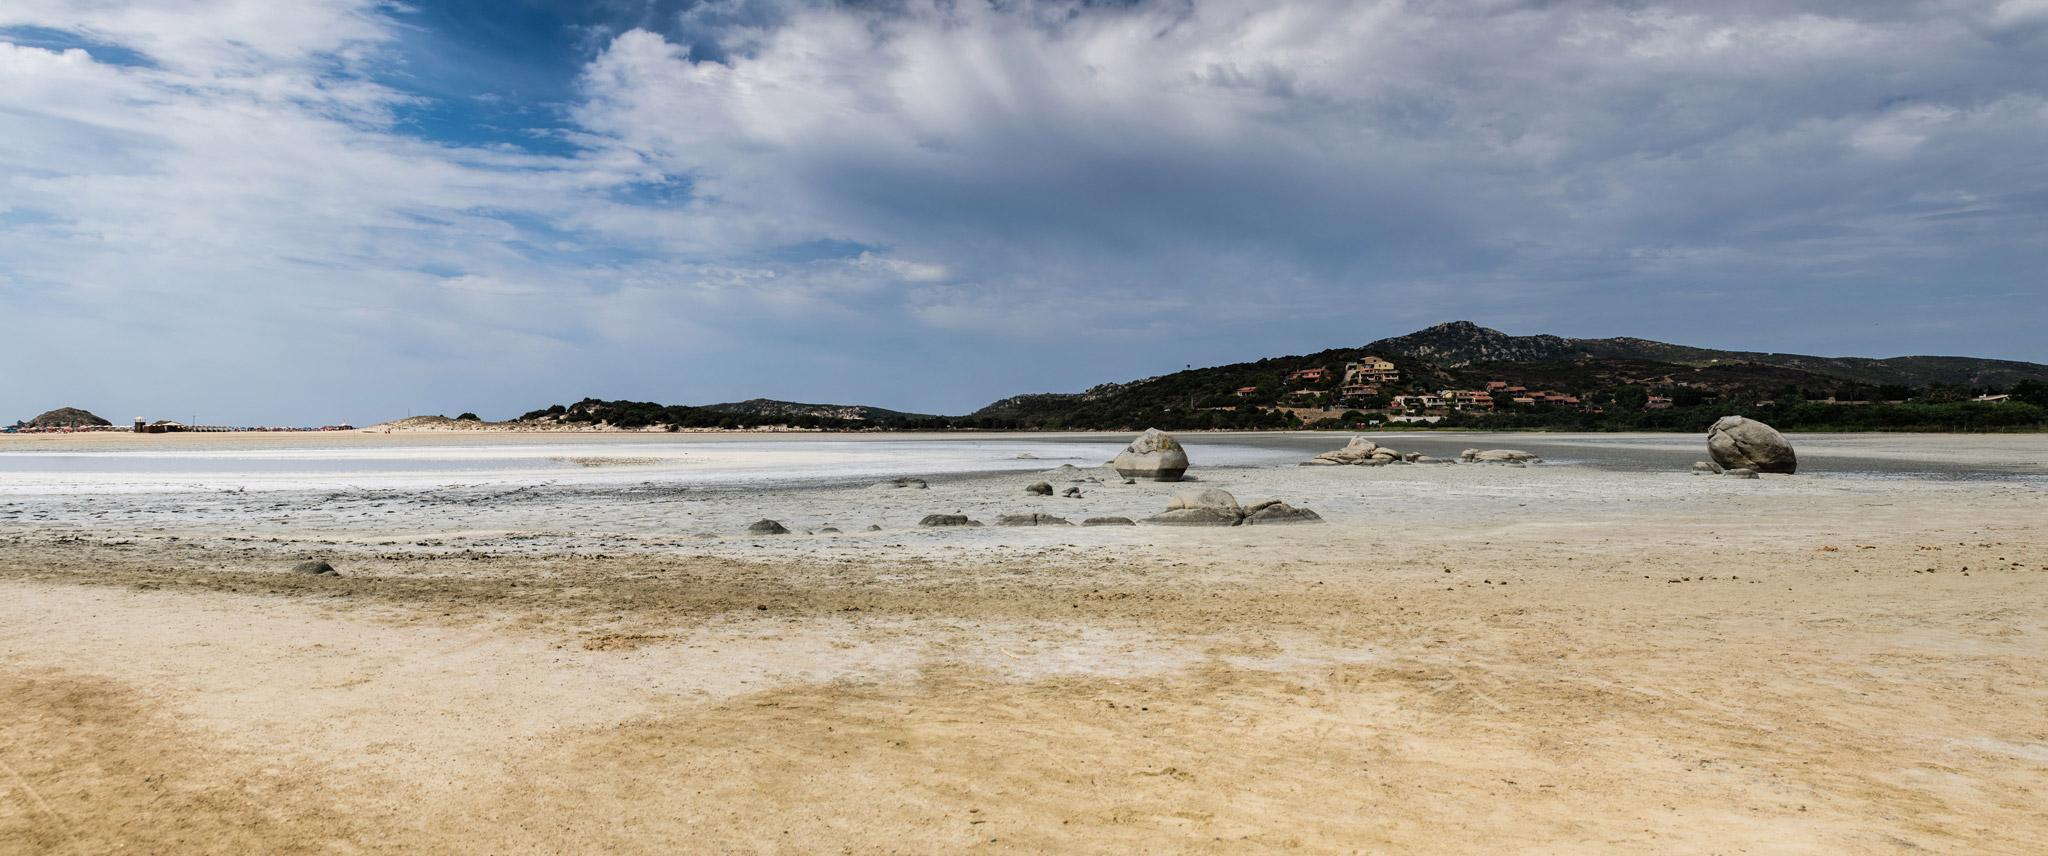 Paesaggi-Italia - DSC 9481  - Saline-Sardegna-Viaggio-in-Sardegna - Saline-Sardegna-Viaggio-in-Sardegna